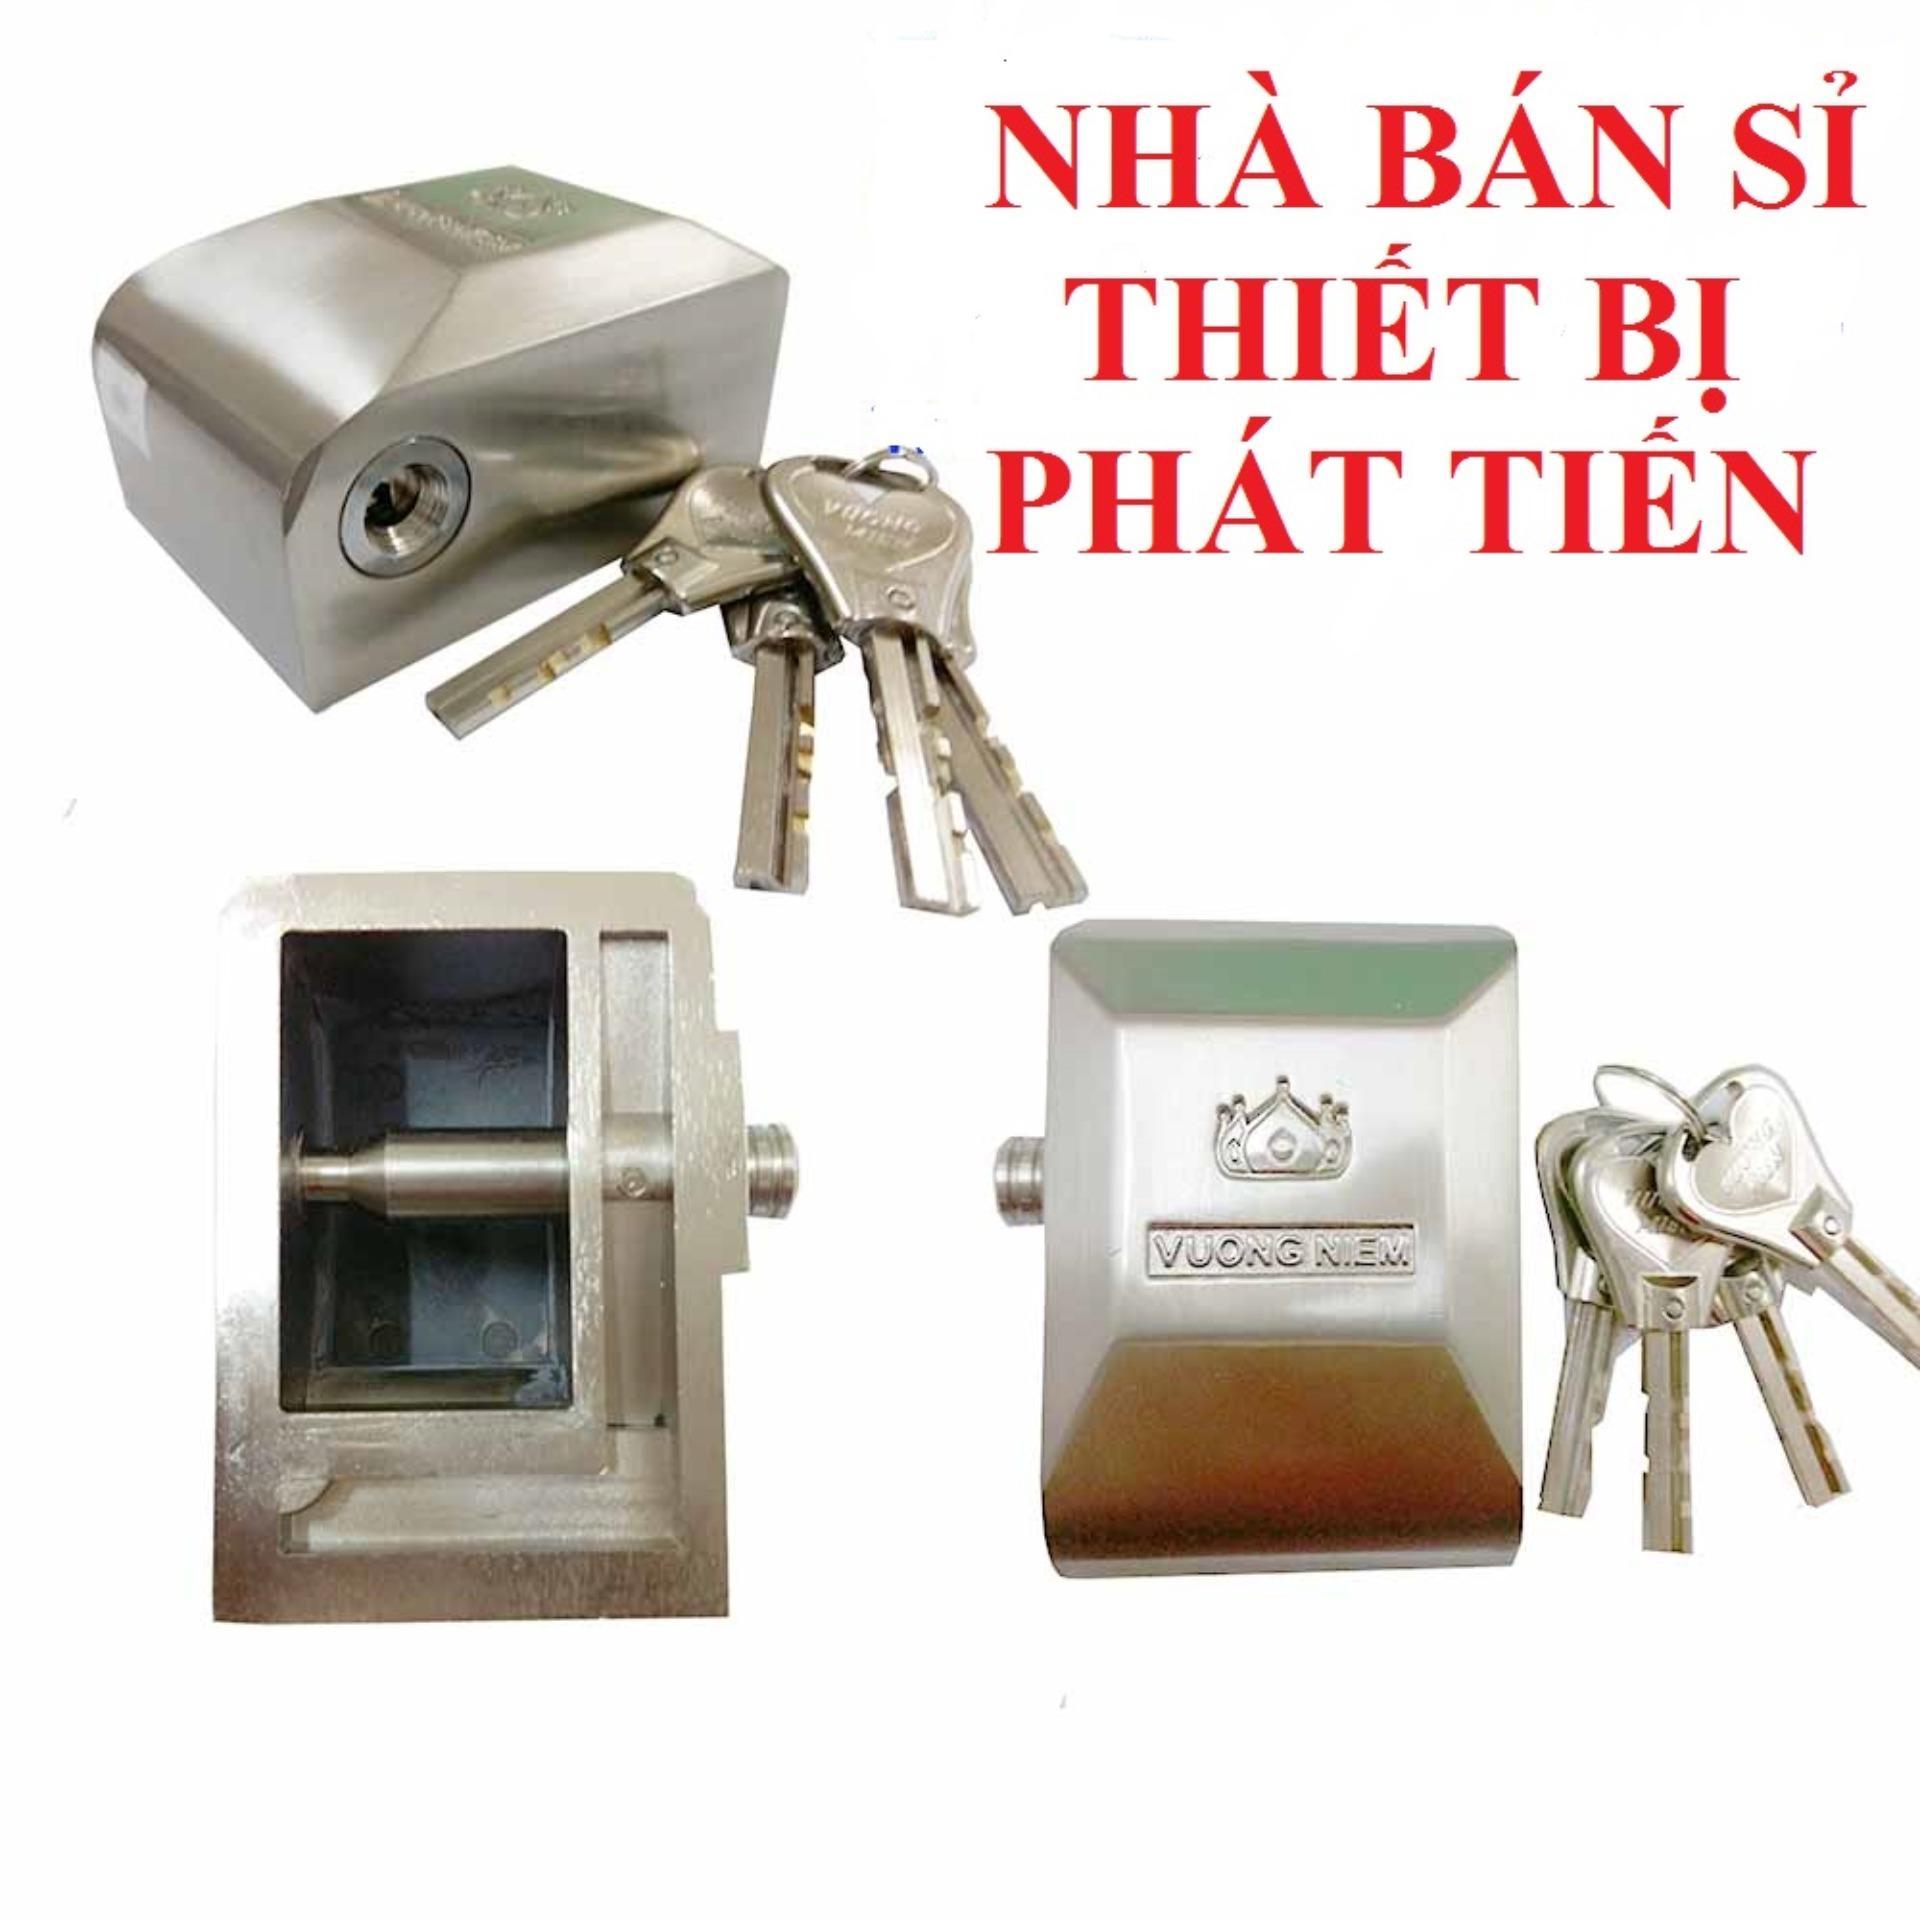 Ổ Khóa Cửa Chụp Vương Niệm Hợp Kim Inox Dày (Hàng Chất Lượng Cao)